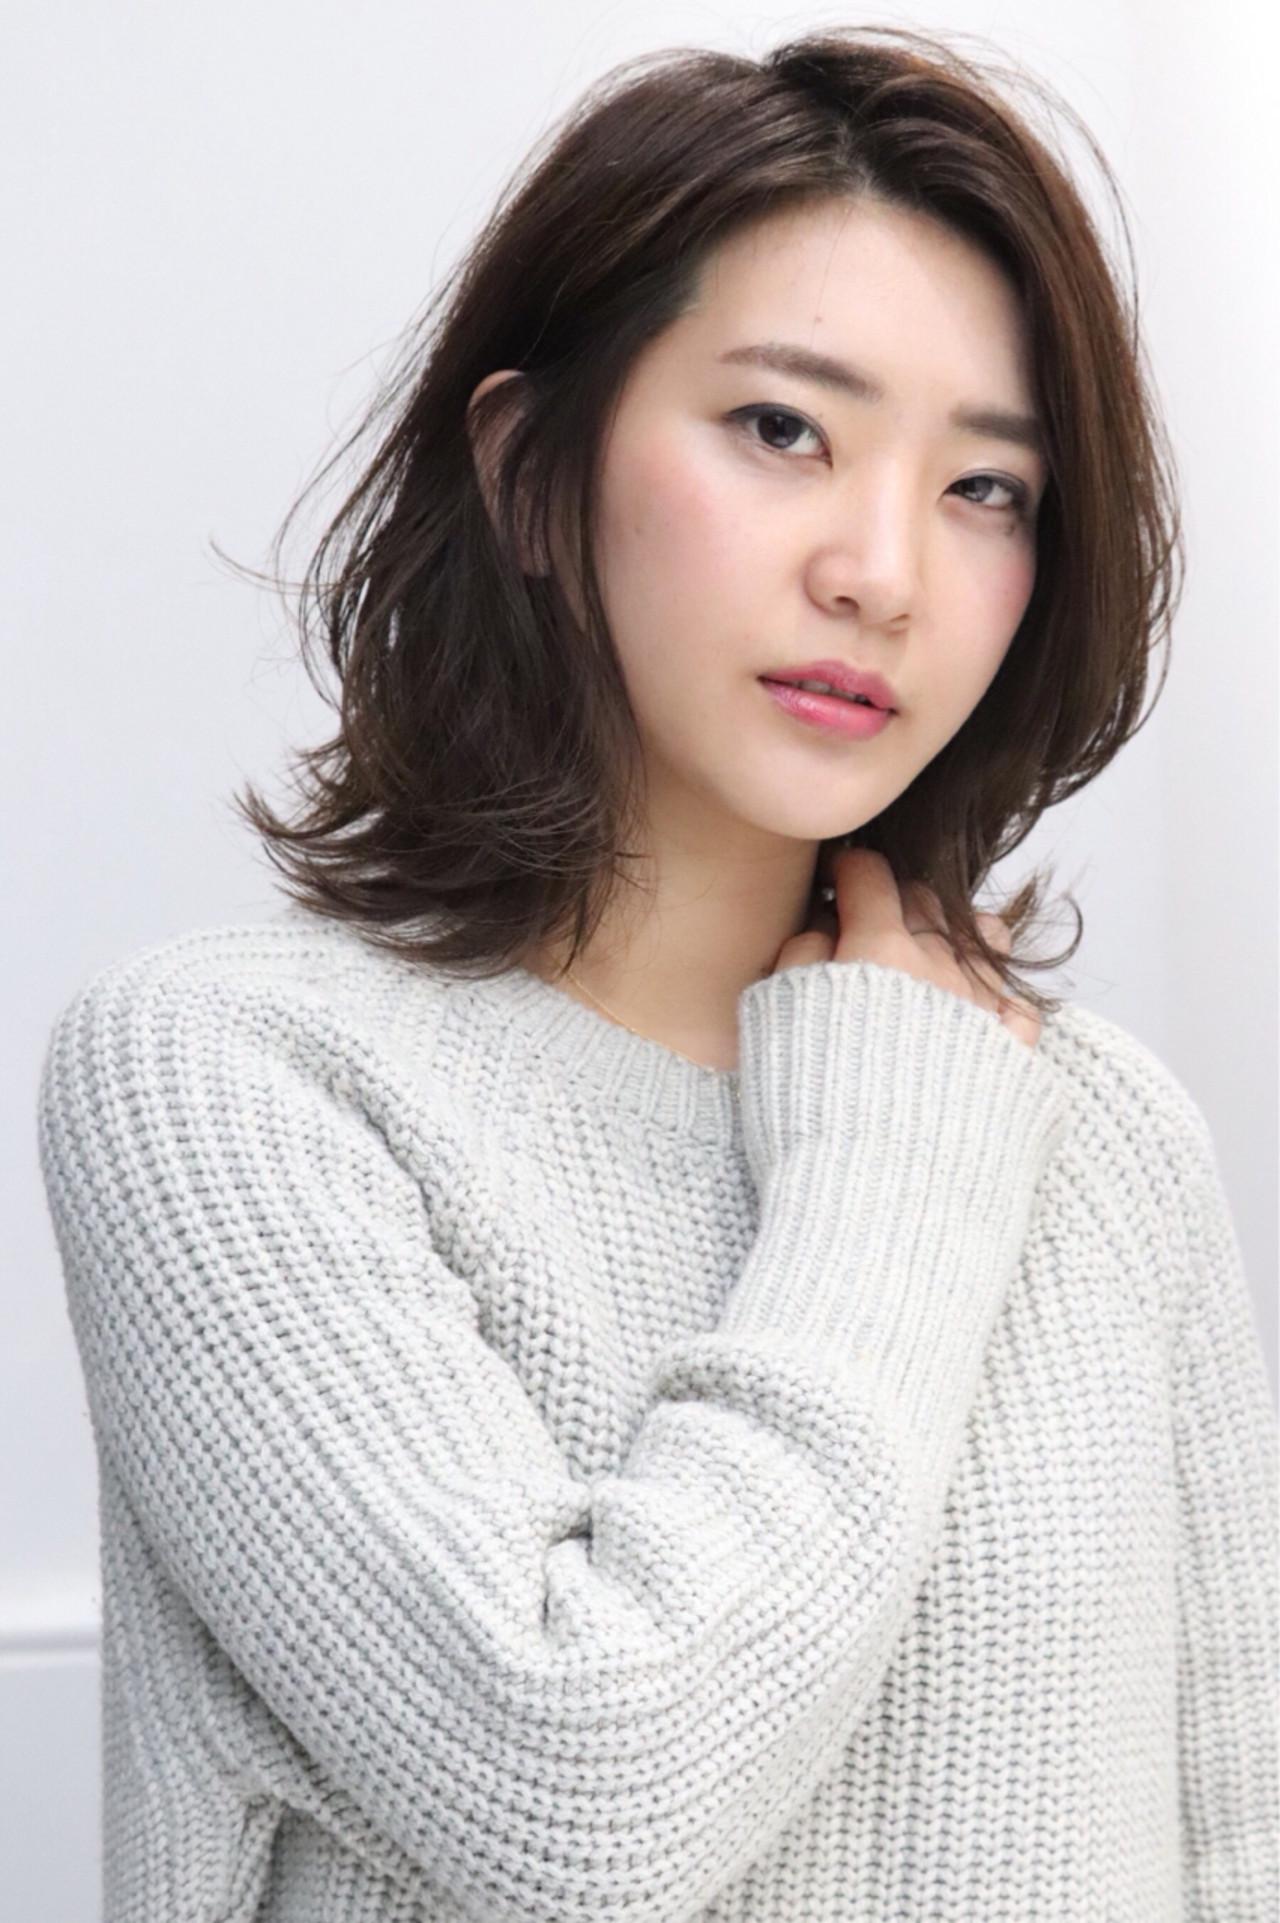 暗髪になって落ち着きのある女性へ Kenta Ushirono | growth